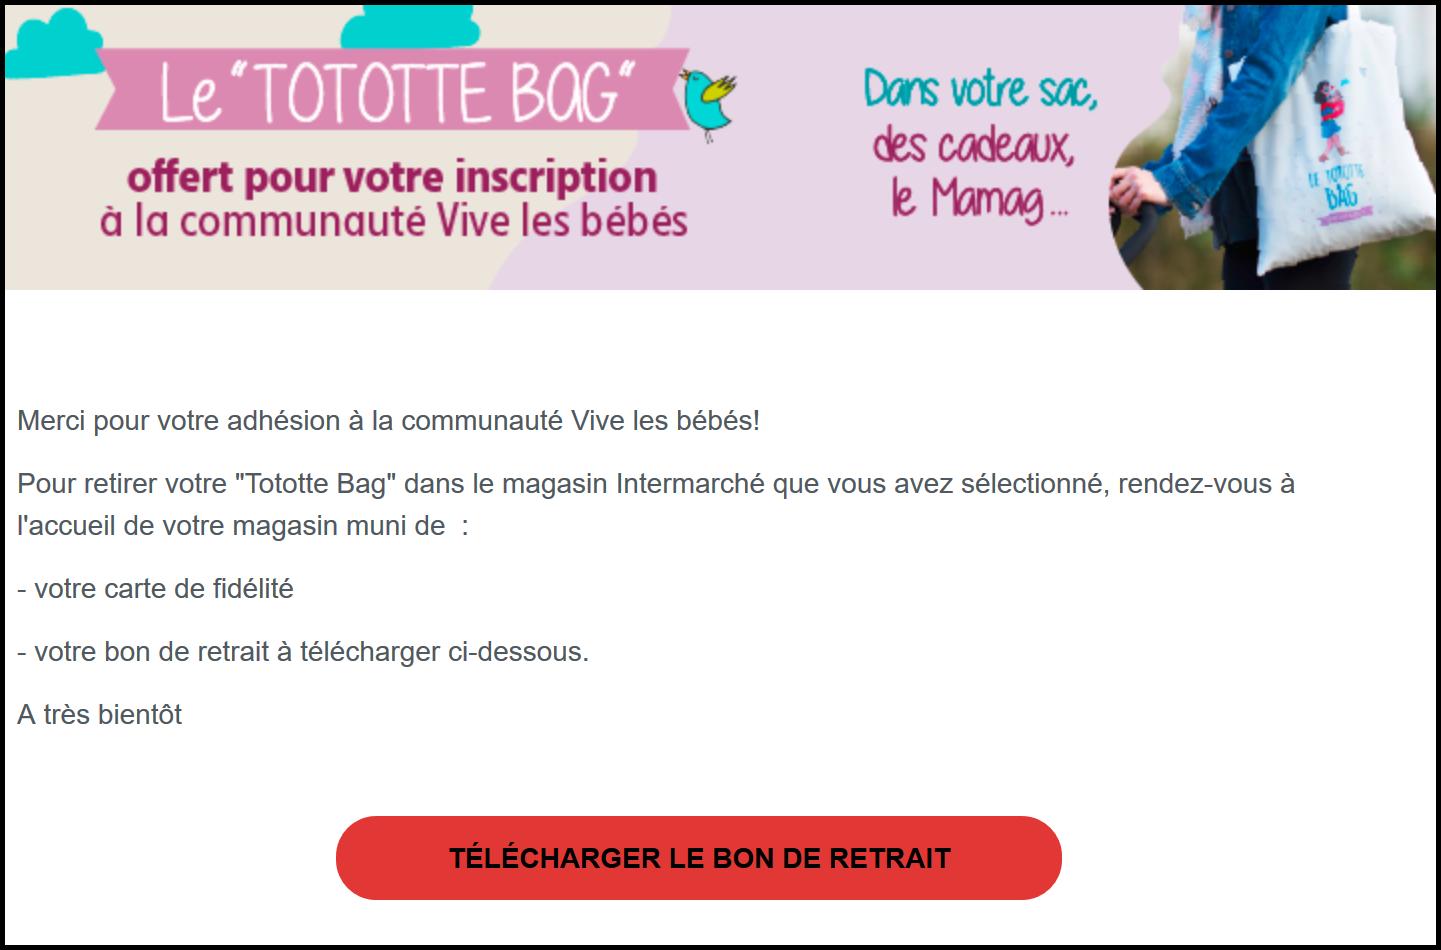 numéros de datation Viber piratage en ligne datant de Ted